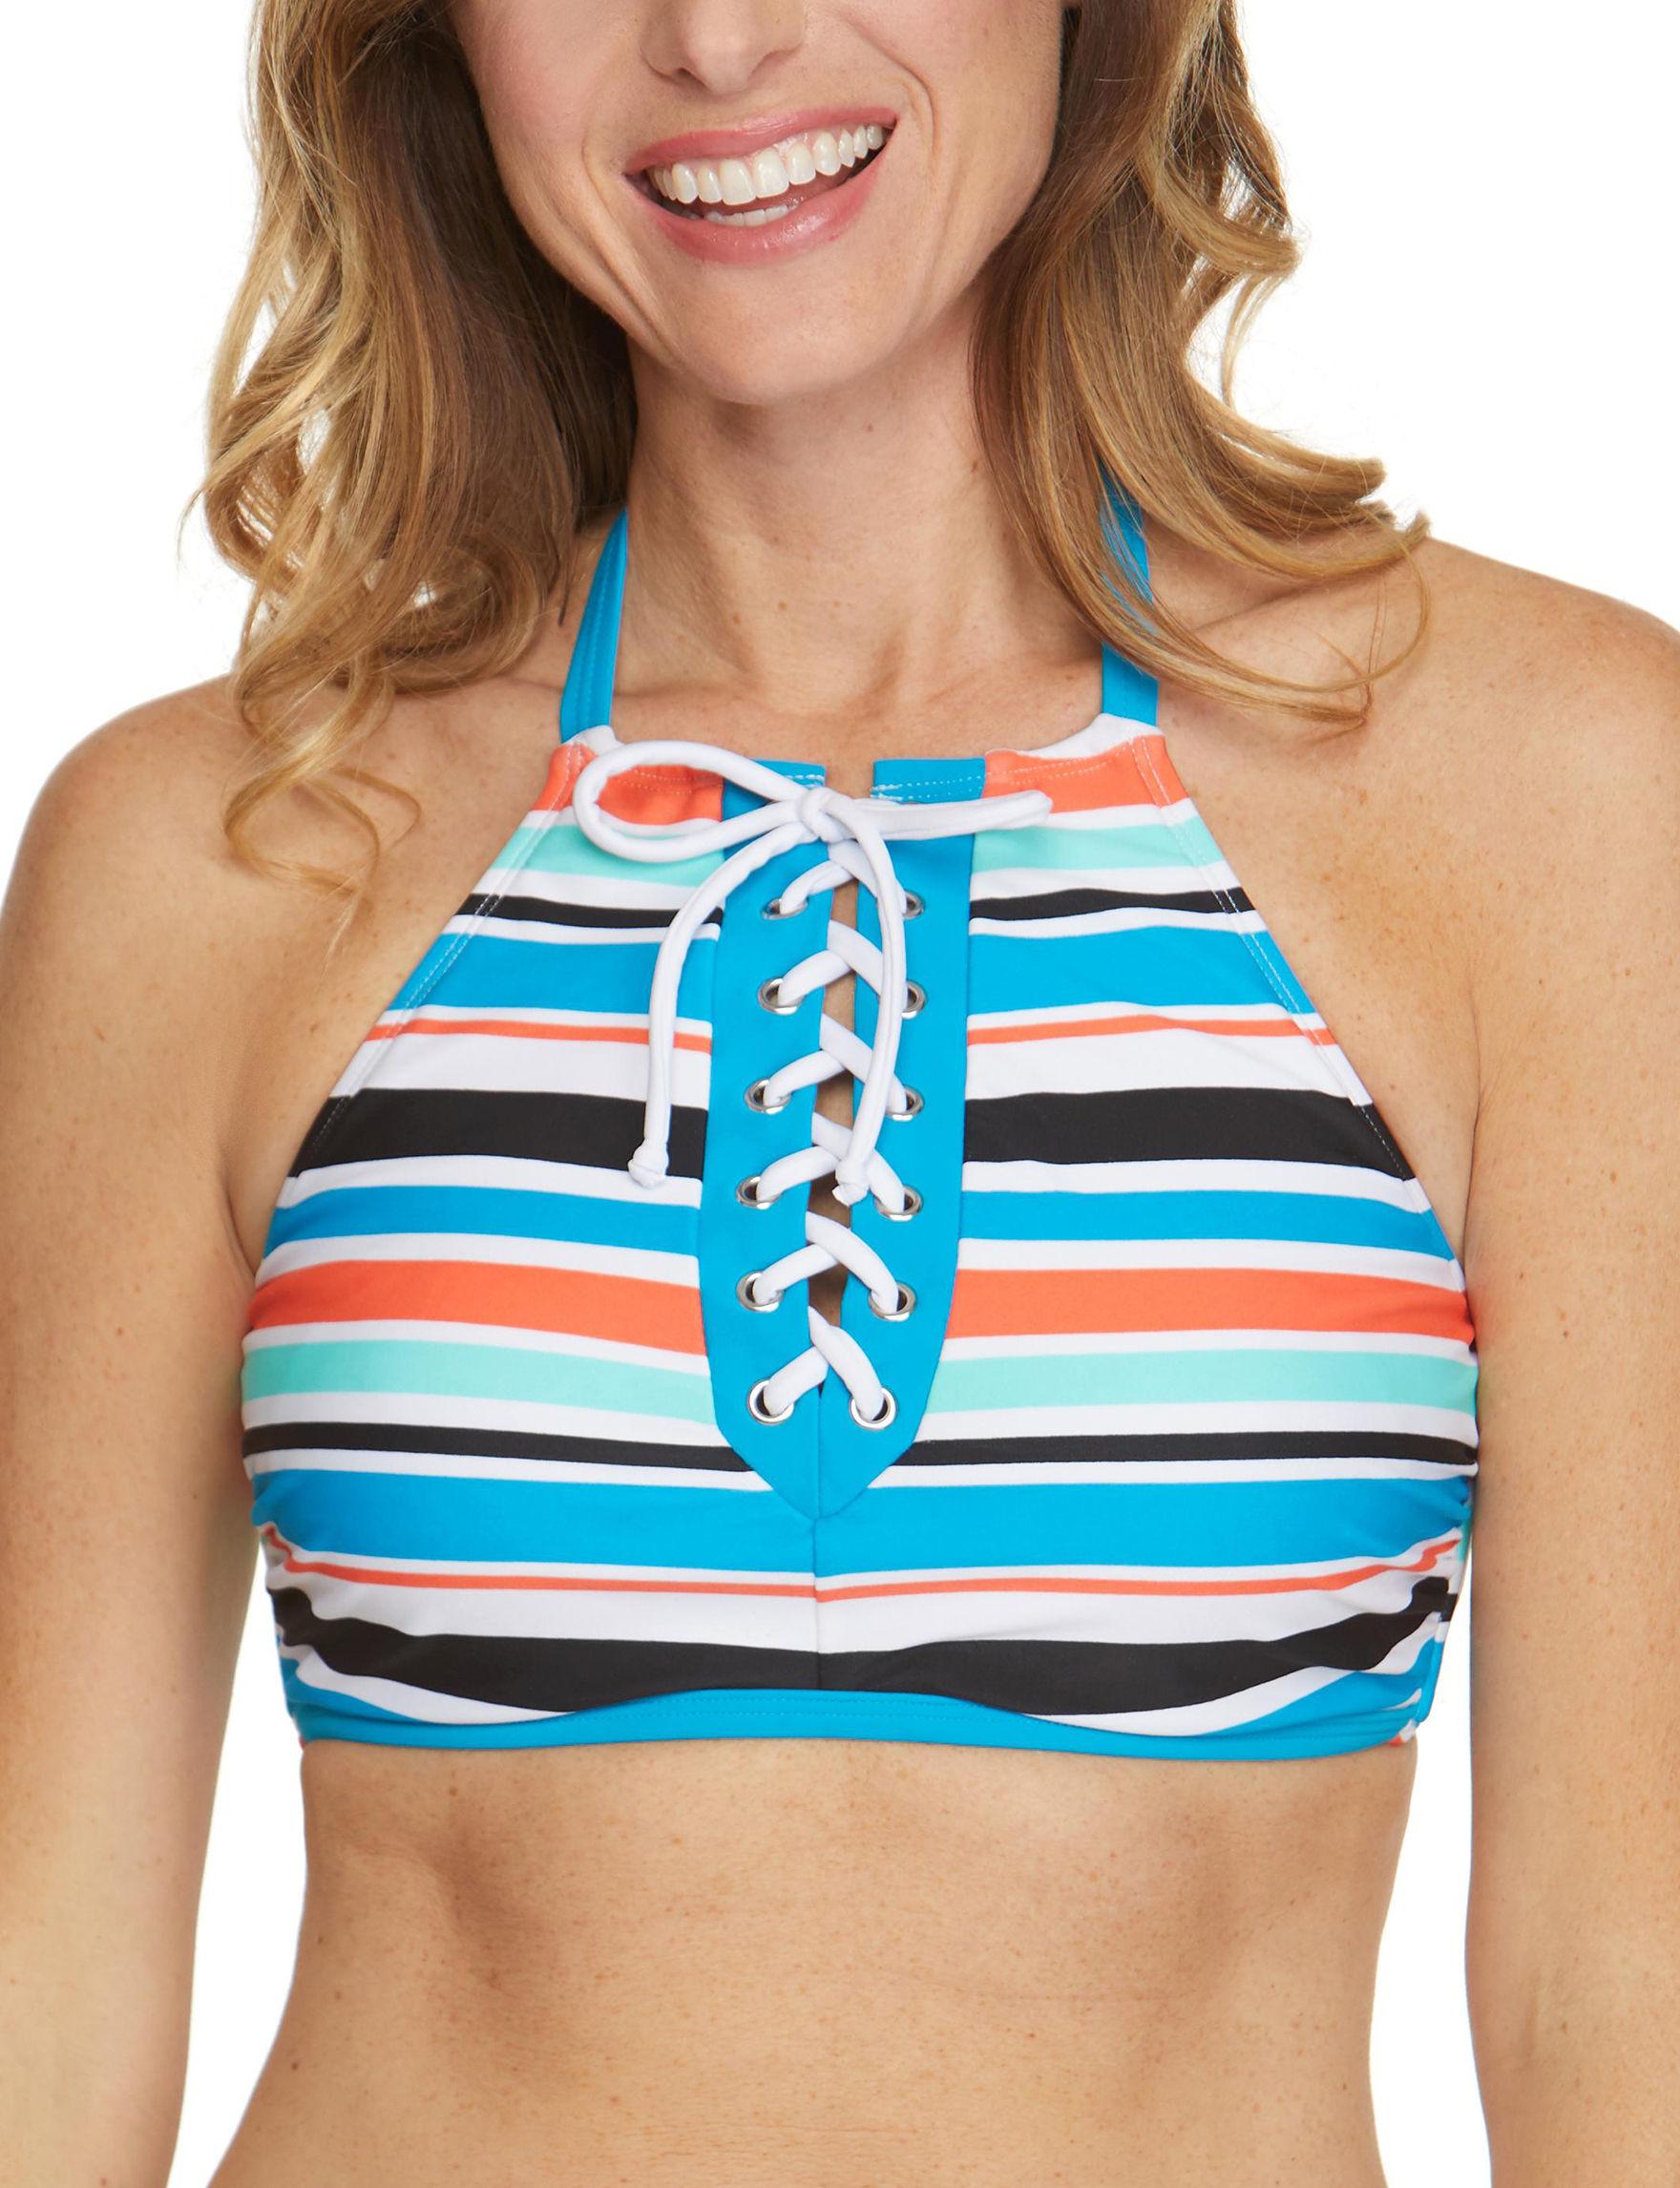 Beach Diva Blue Swimsuit Tops Bralette High Neck